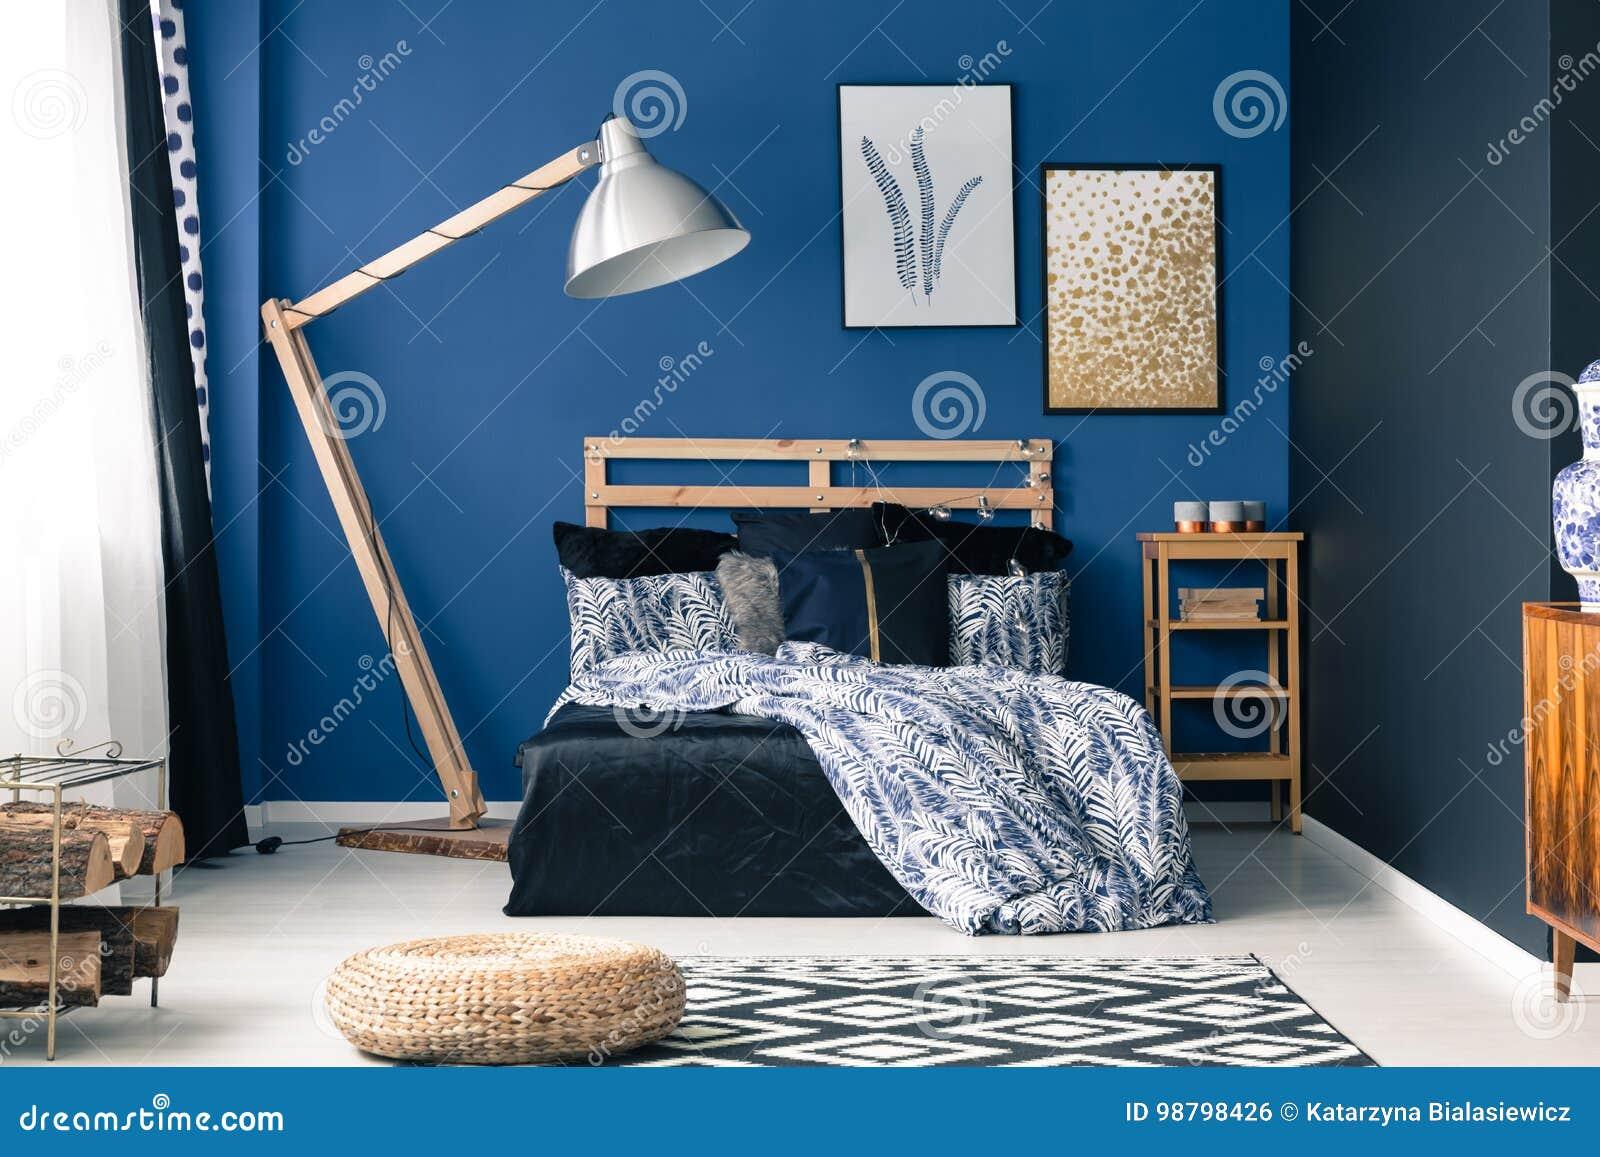 Schlafzimmer In Der Reichen Blauen Farbe Stockfoto - Bild von bett ...